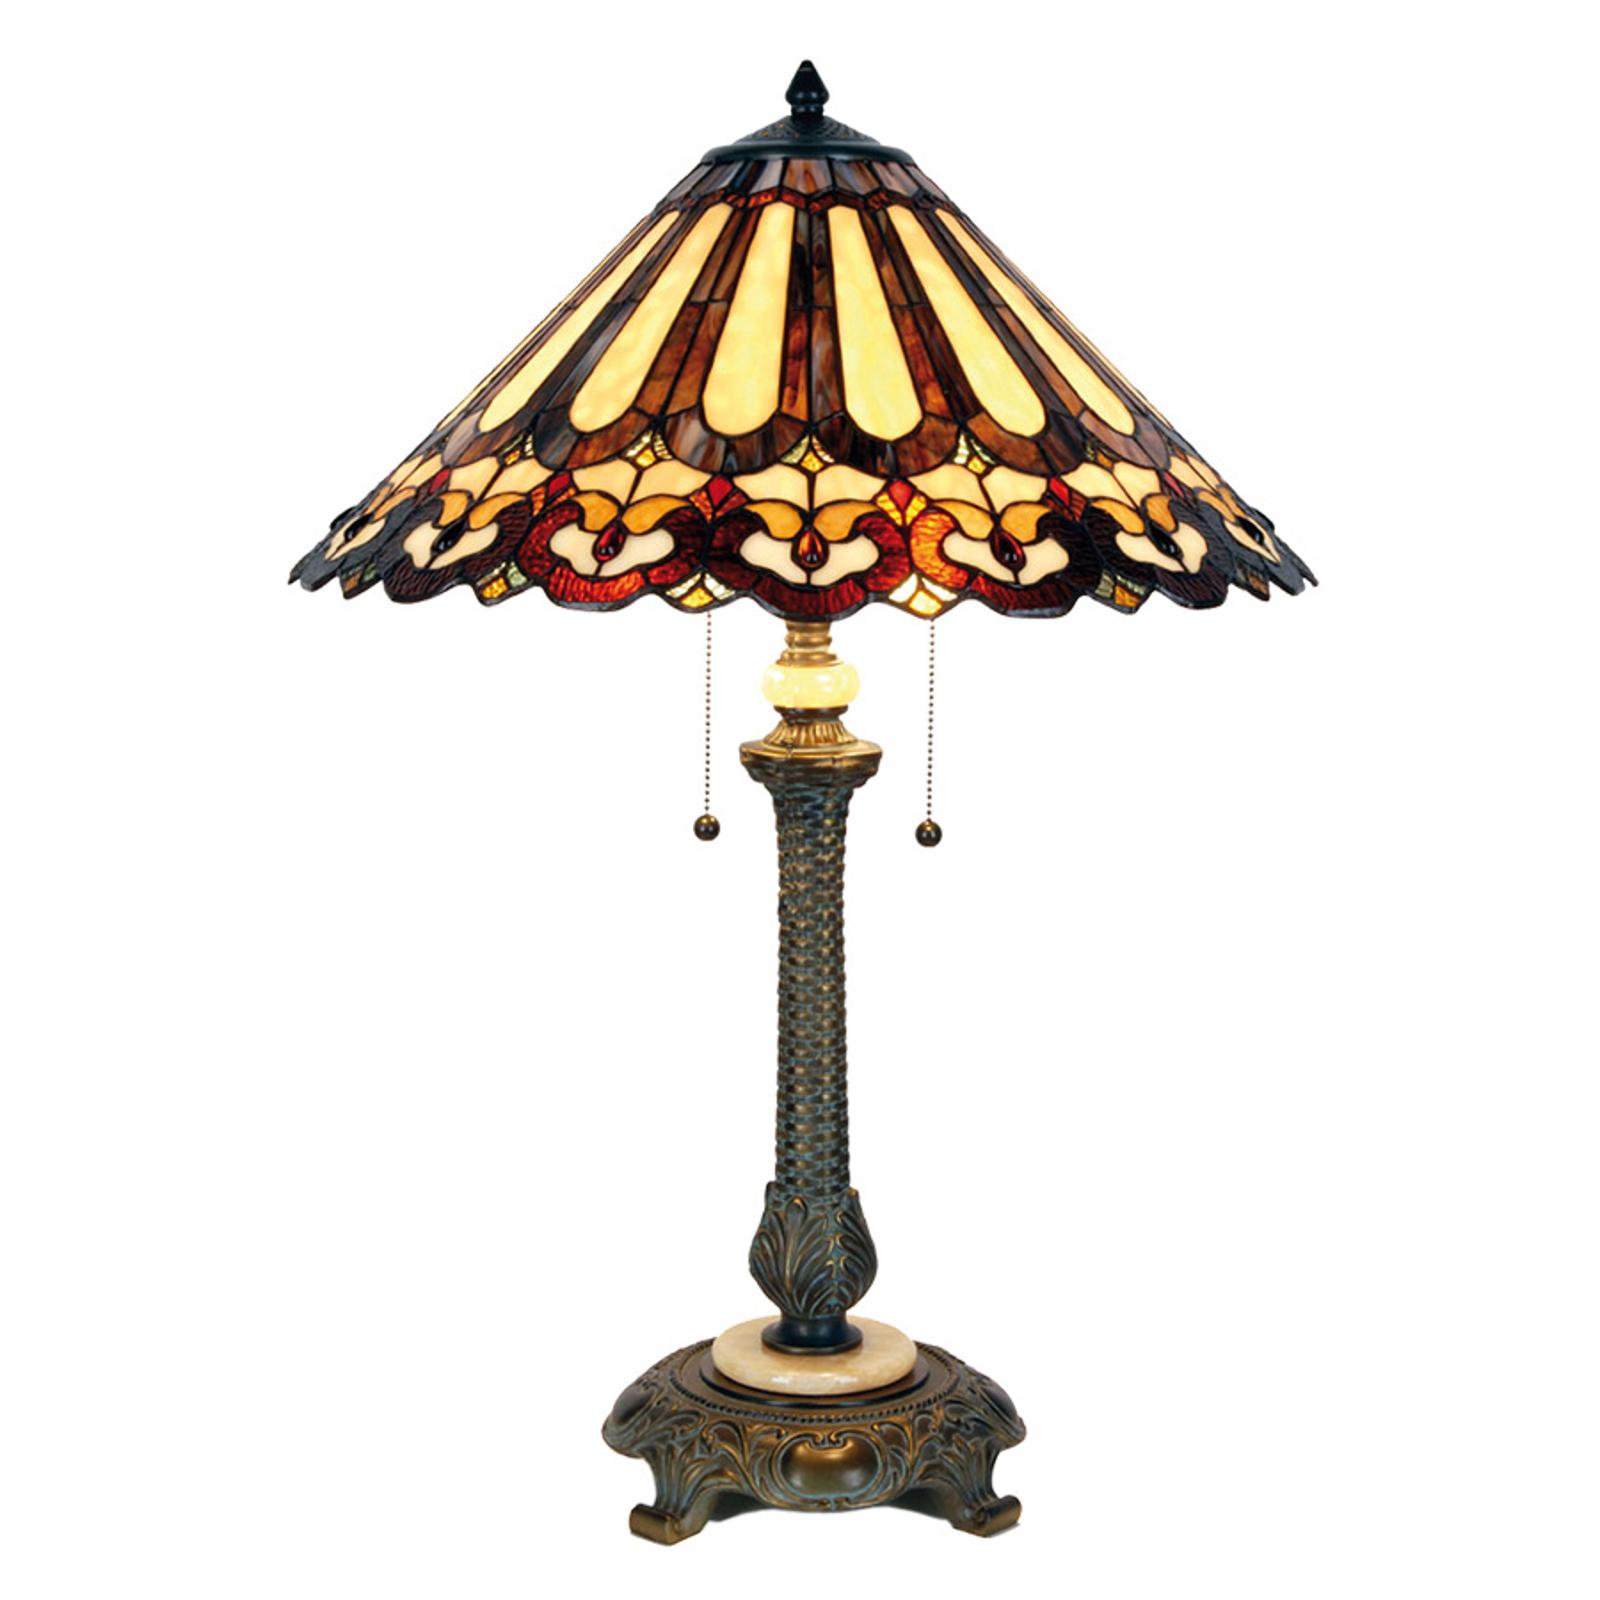 Tafellamp Cecilia in Tiffany-stijl